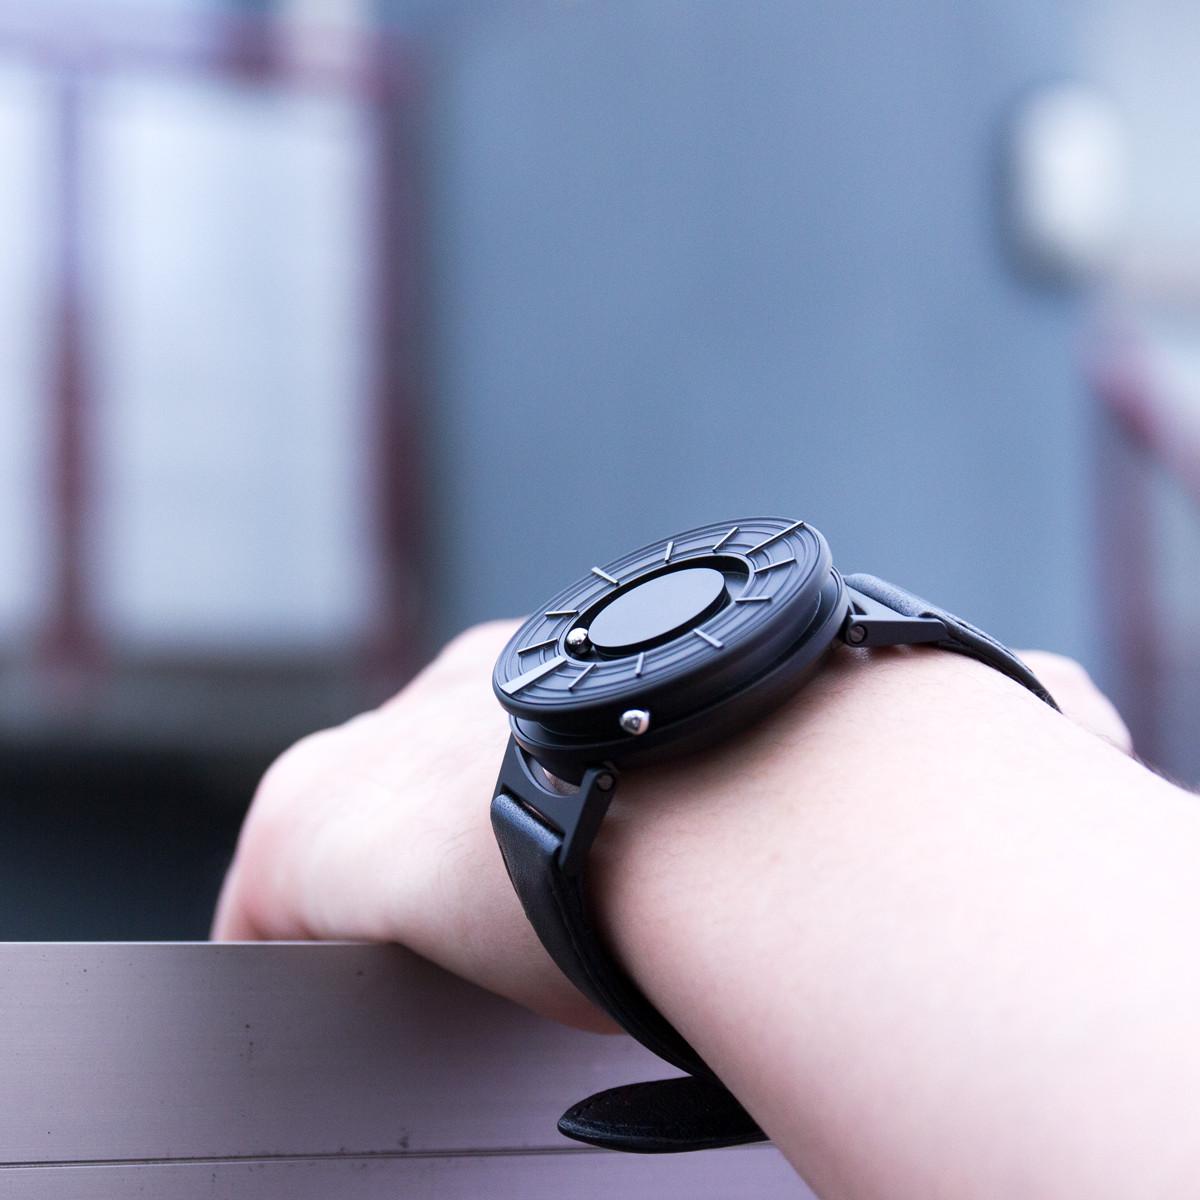 従来の視覚障がい者向けの腕時計の概念を打ち破る洗練された美しい「触る腕時計」 | EONE《EDGE》